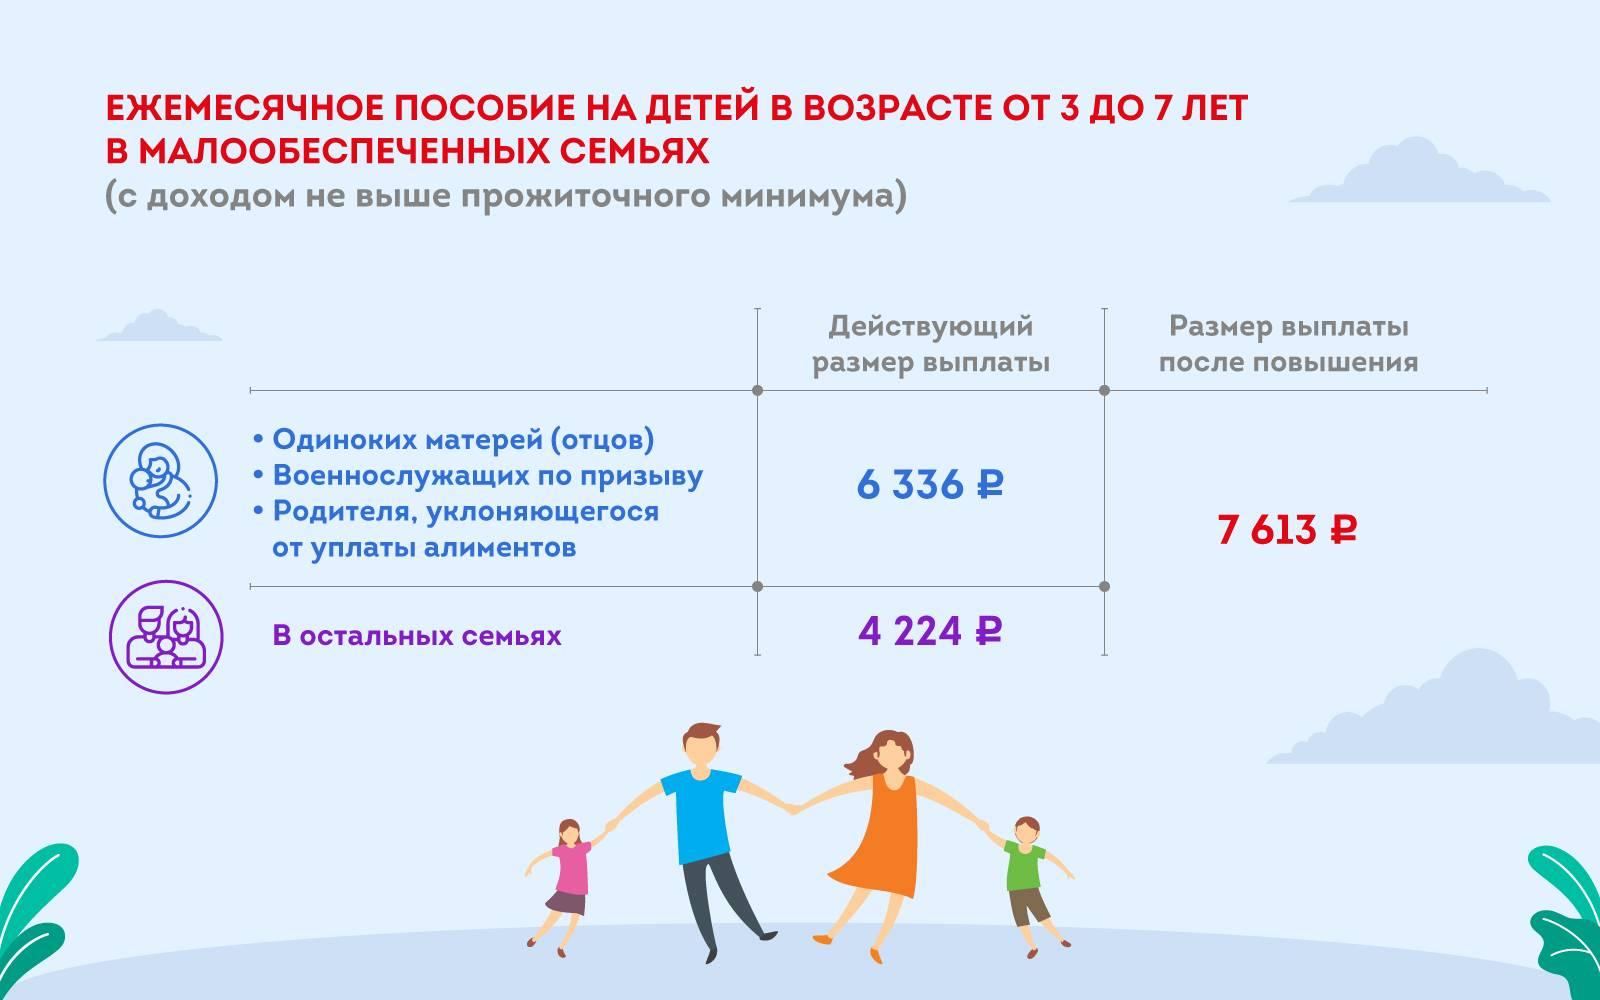 Повышение детских пособий в Москве